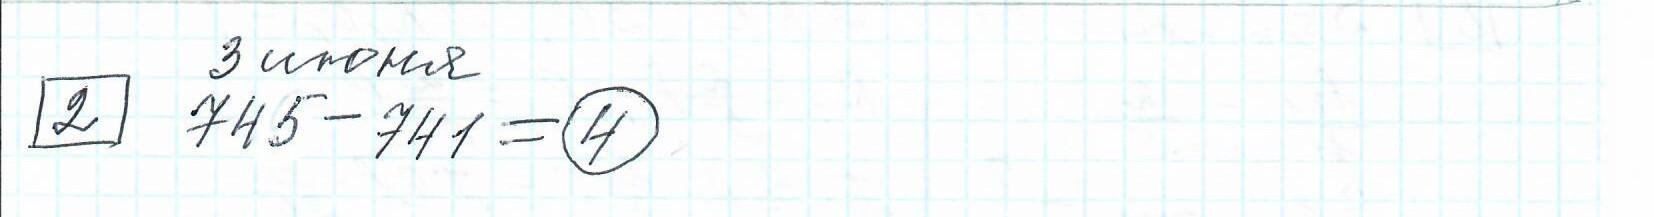 Задние 2, Вариант 5, решение и ответ - Ященко ЕГЭ 2019 математика профиль 36 вариантов